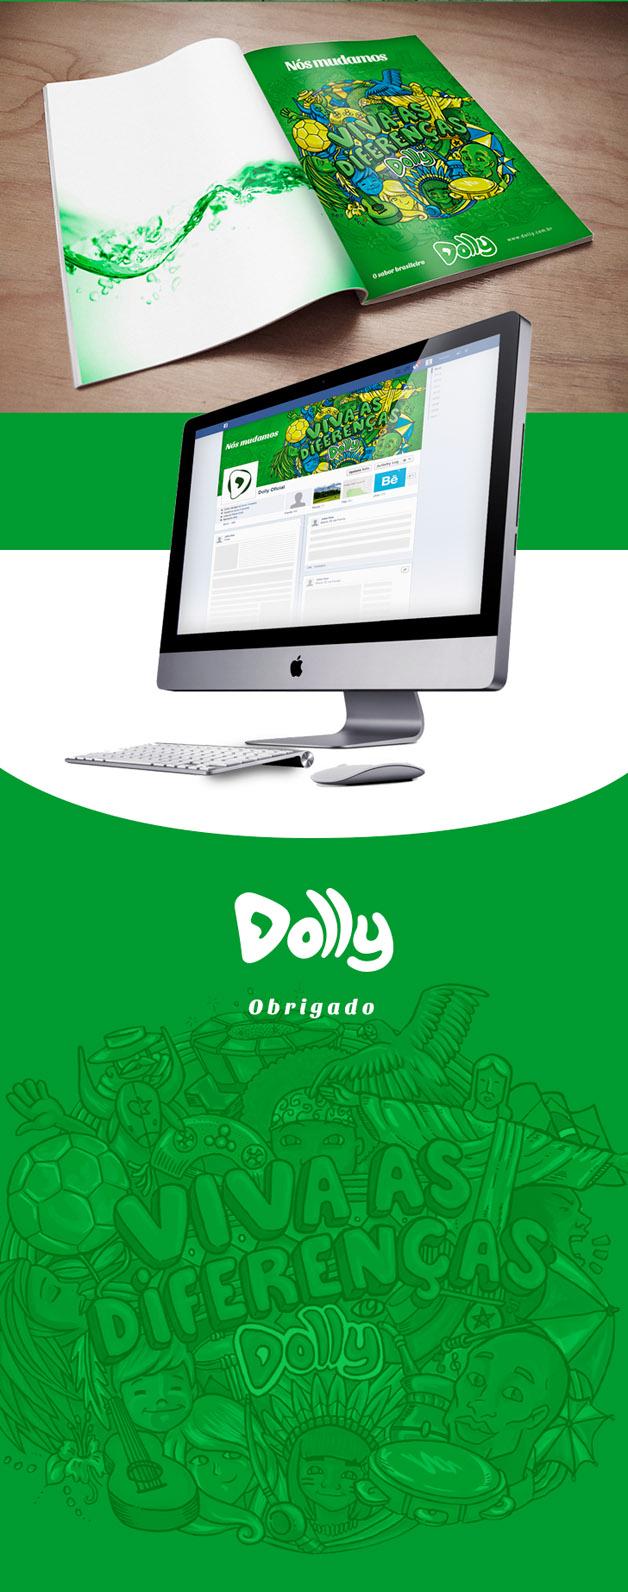 dolly-13